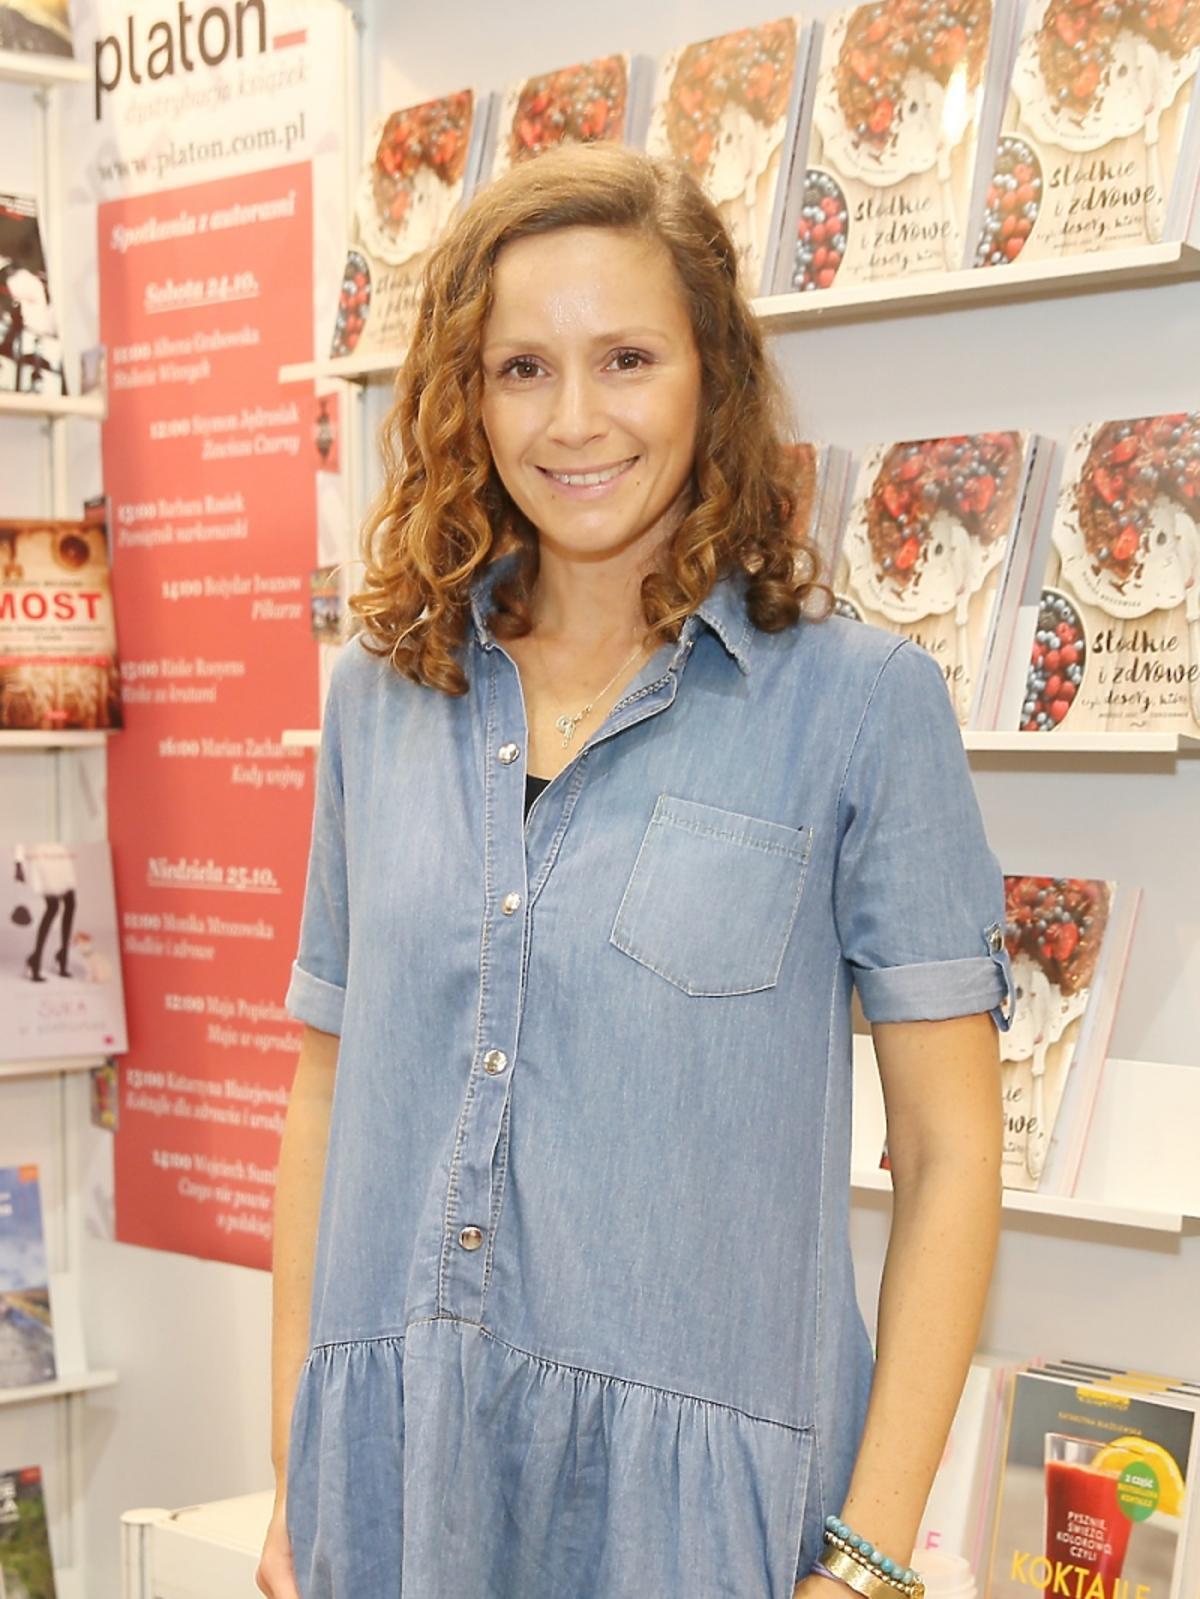 Monika Mrozowska w niebieskiej bluzce